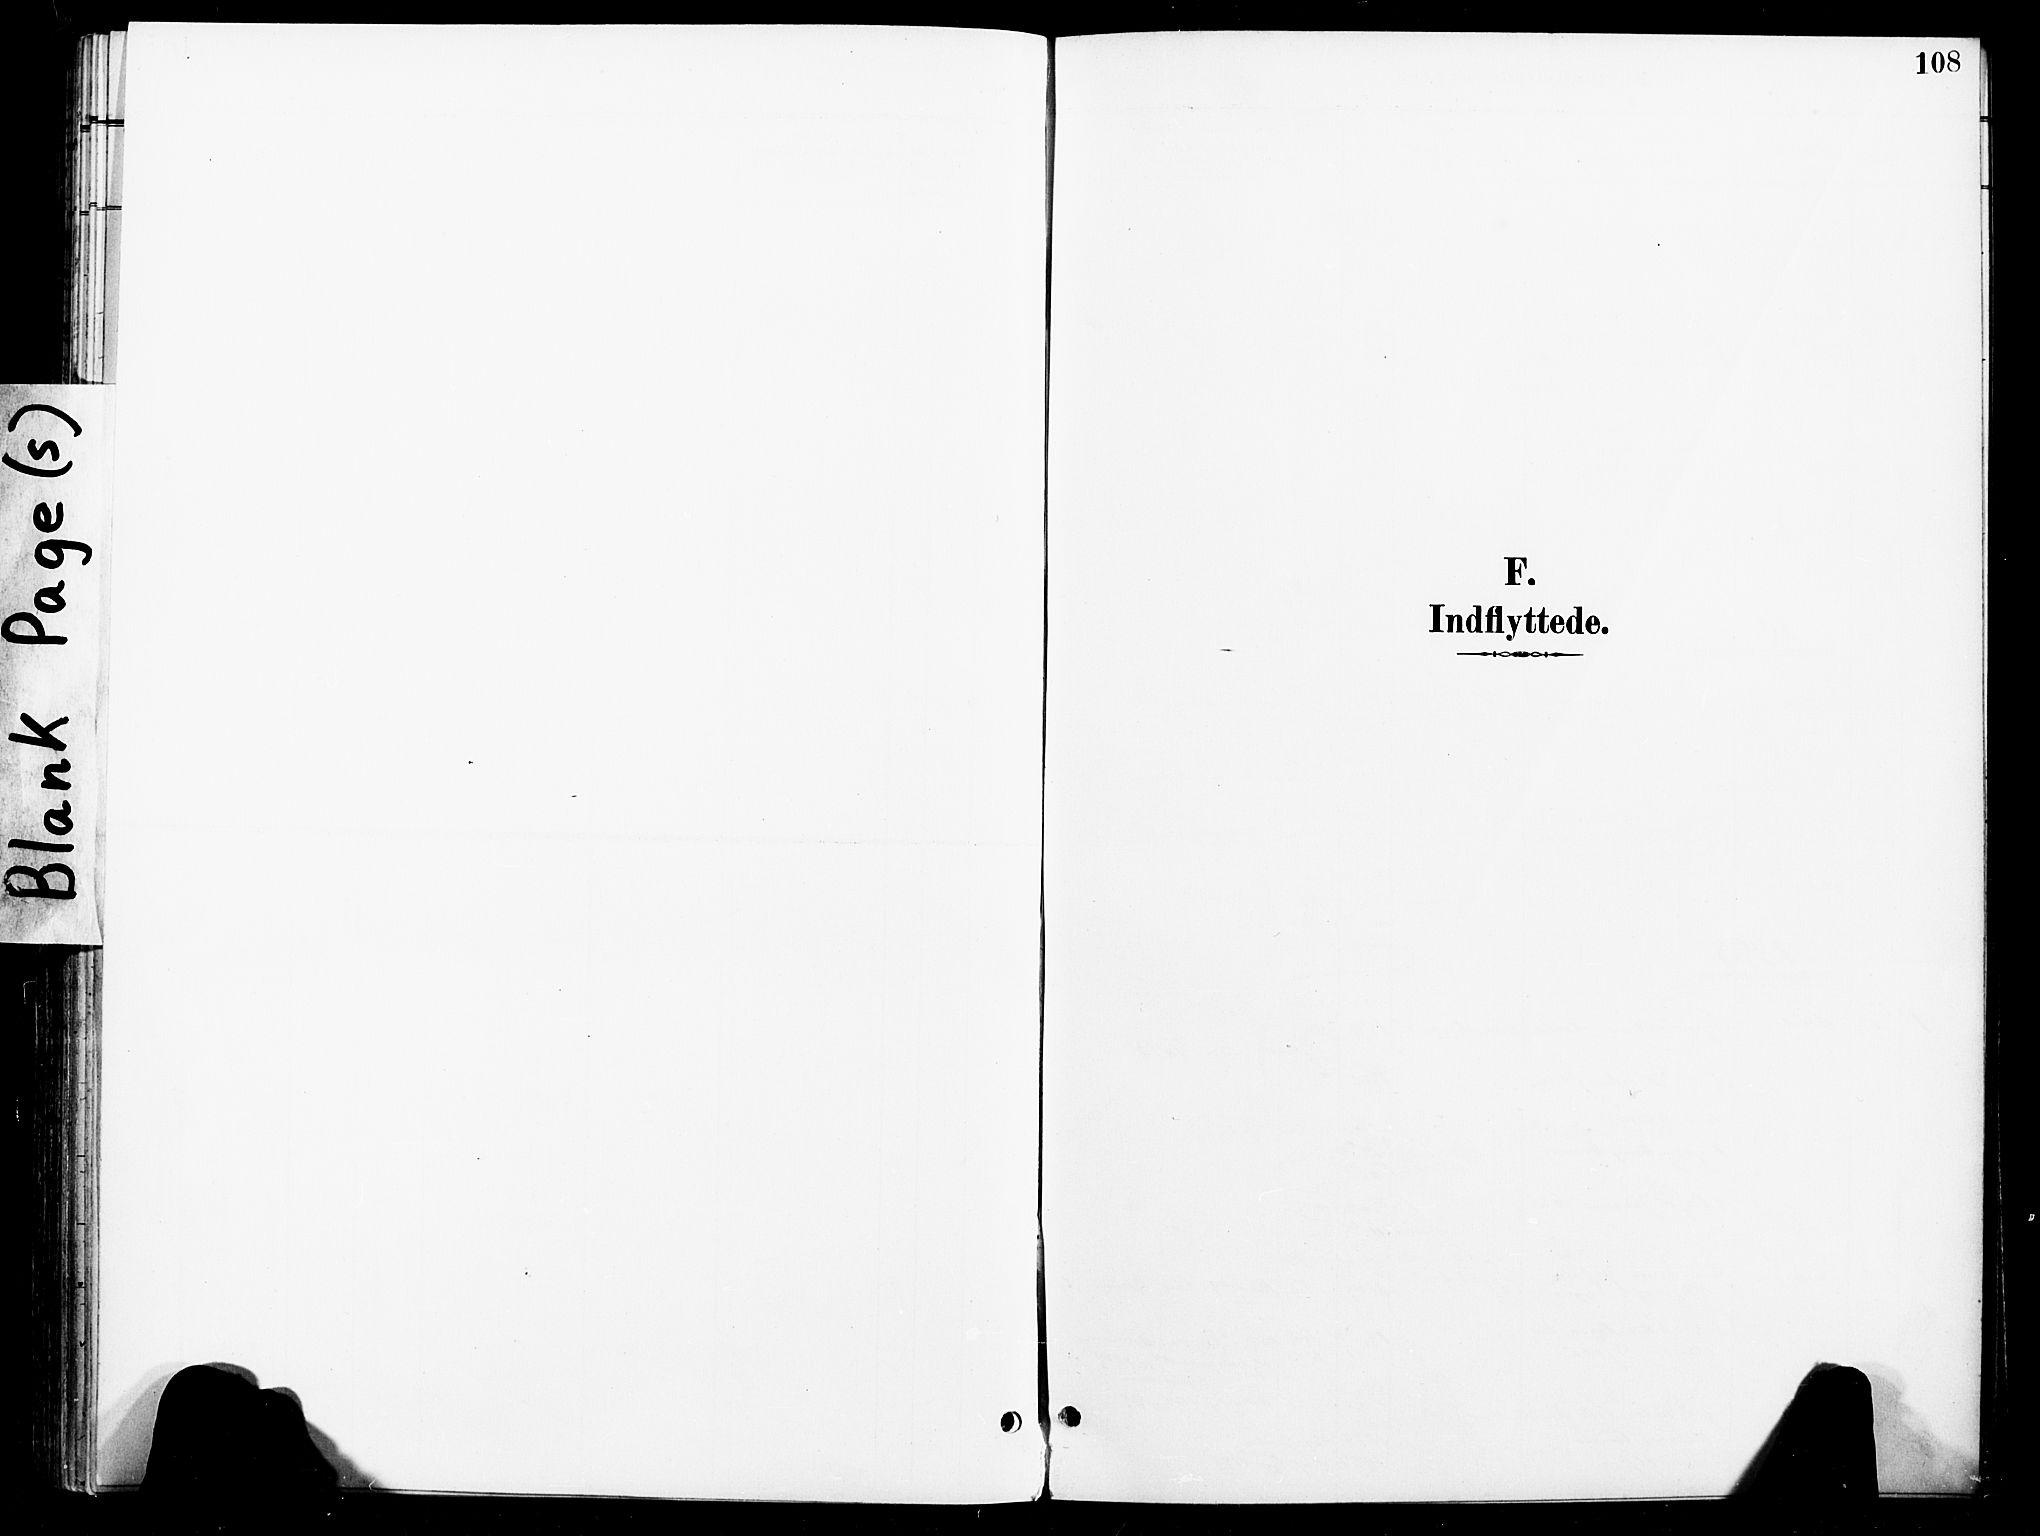 SAT, Ministerialprotokoller, klokkerbøker og fødselsregistre - Nord-Trøndelag, 740/L0379: Ministerialbok nr. 740A02, 1895-1907, s. 108